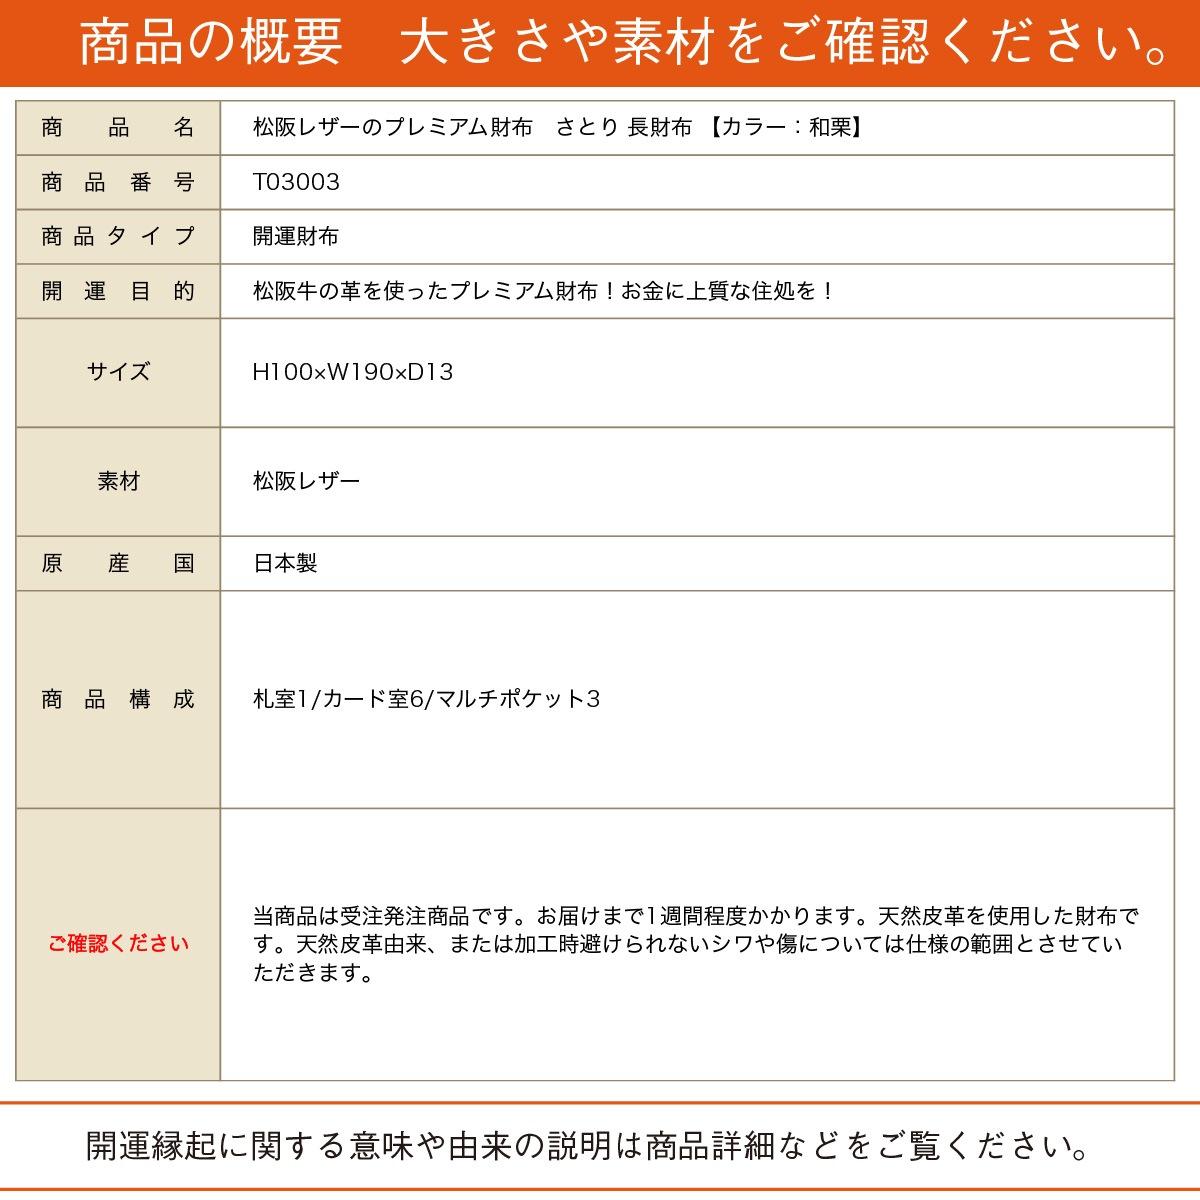 松阪レザーのプレミアム財布 さとり 長財布 【カラー:和栗】